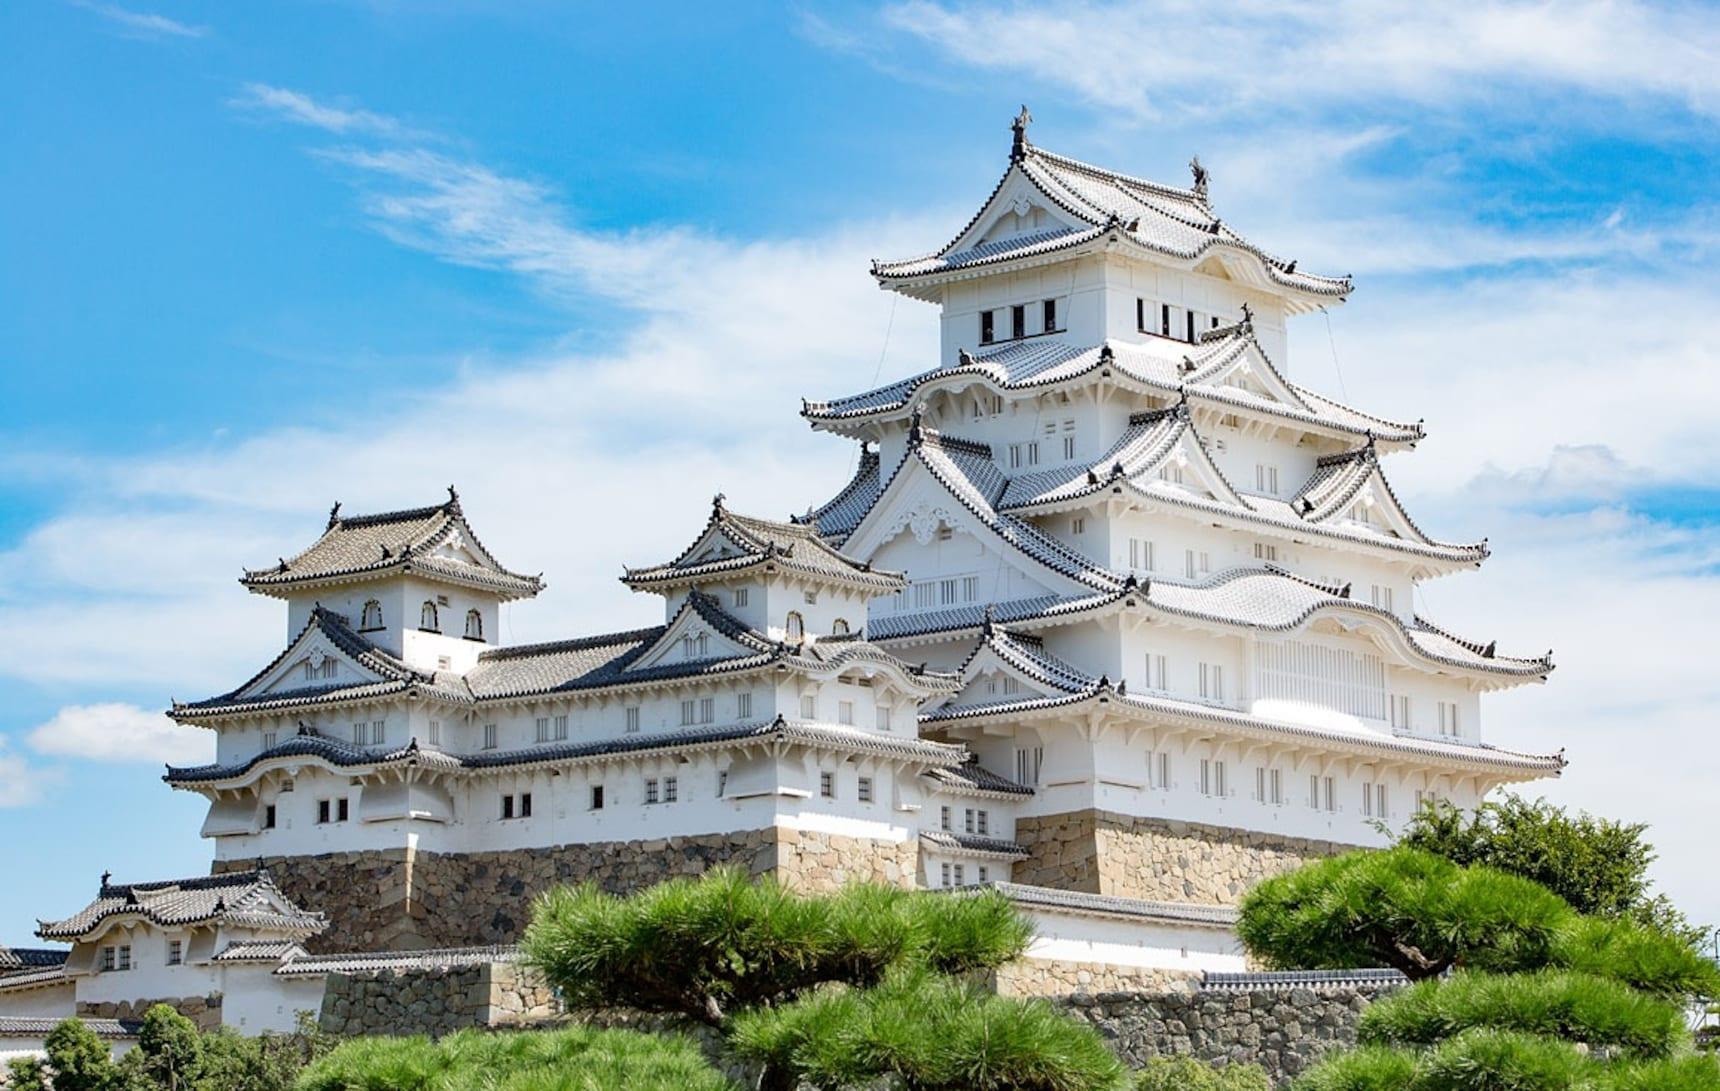 ไปชมปราสาทฮิเมจิ มรดกโลกของญี่ปุ่นกัน!